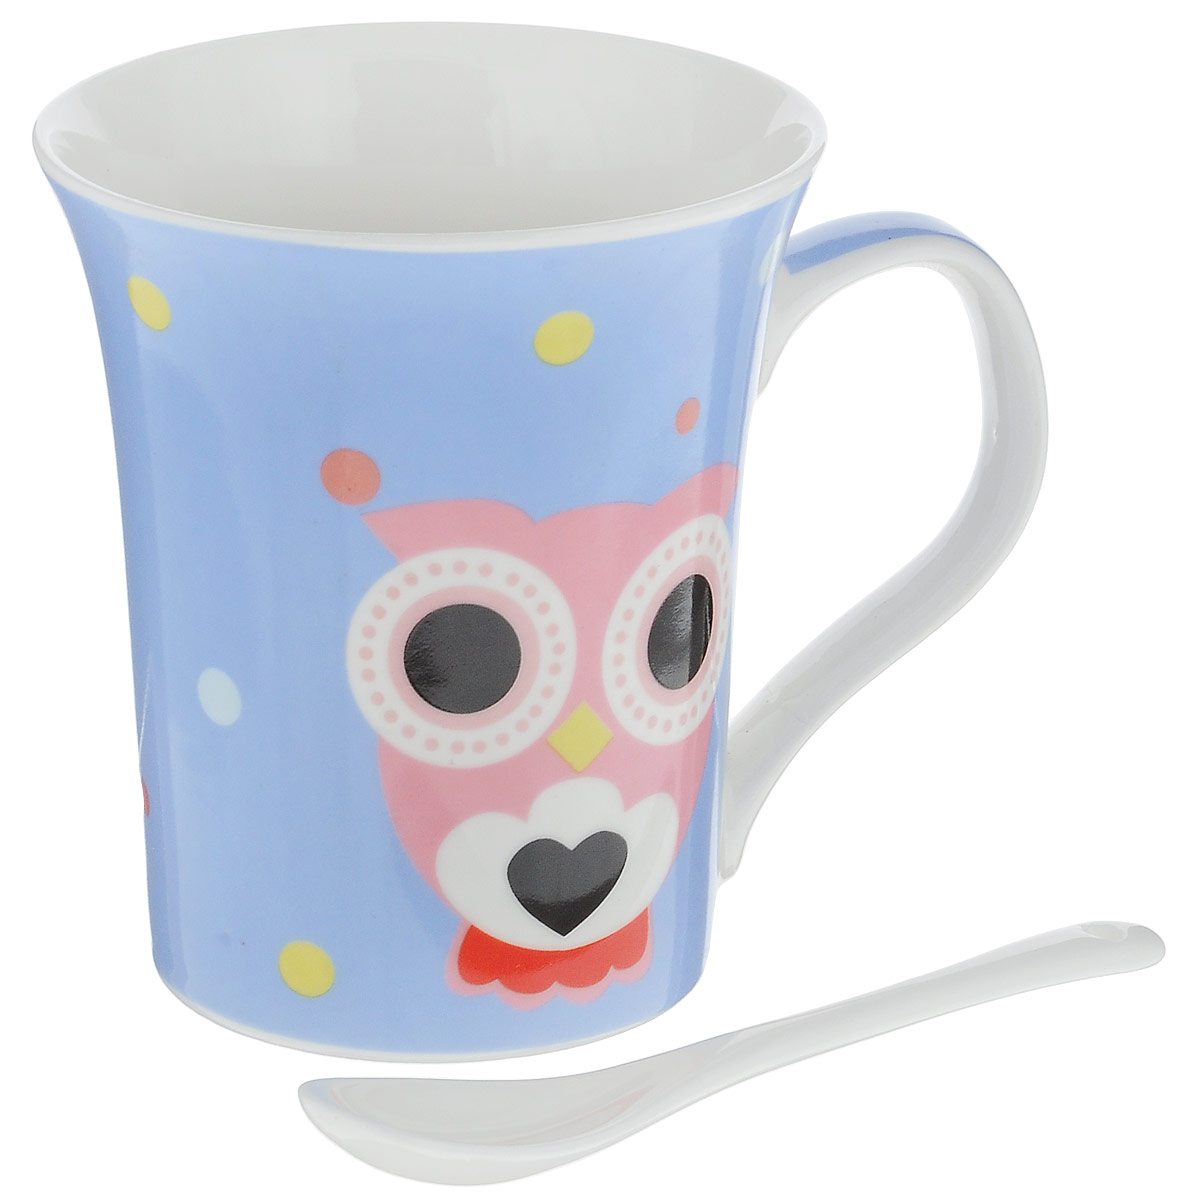 Кружка Доляна Совята, с ложкой, цвет: голубой, розовый, 300 мл836426_сиреневыйКружка Доляна Совята изготовлена из высококачественной глазурованной керамики. Изделие имеет удобную ручку. Внешние стенки дополнены забавными изображениями сов. Такая кружка прекрасно оформит стол к чаепитию. В комплект входит чайная ложка.Диаметр кружки (по верхнему краю): 9 см. Высота кружки: 10,5 см. Длина ложки: 10 см.